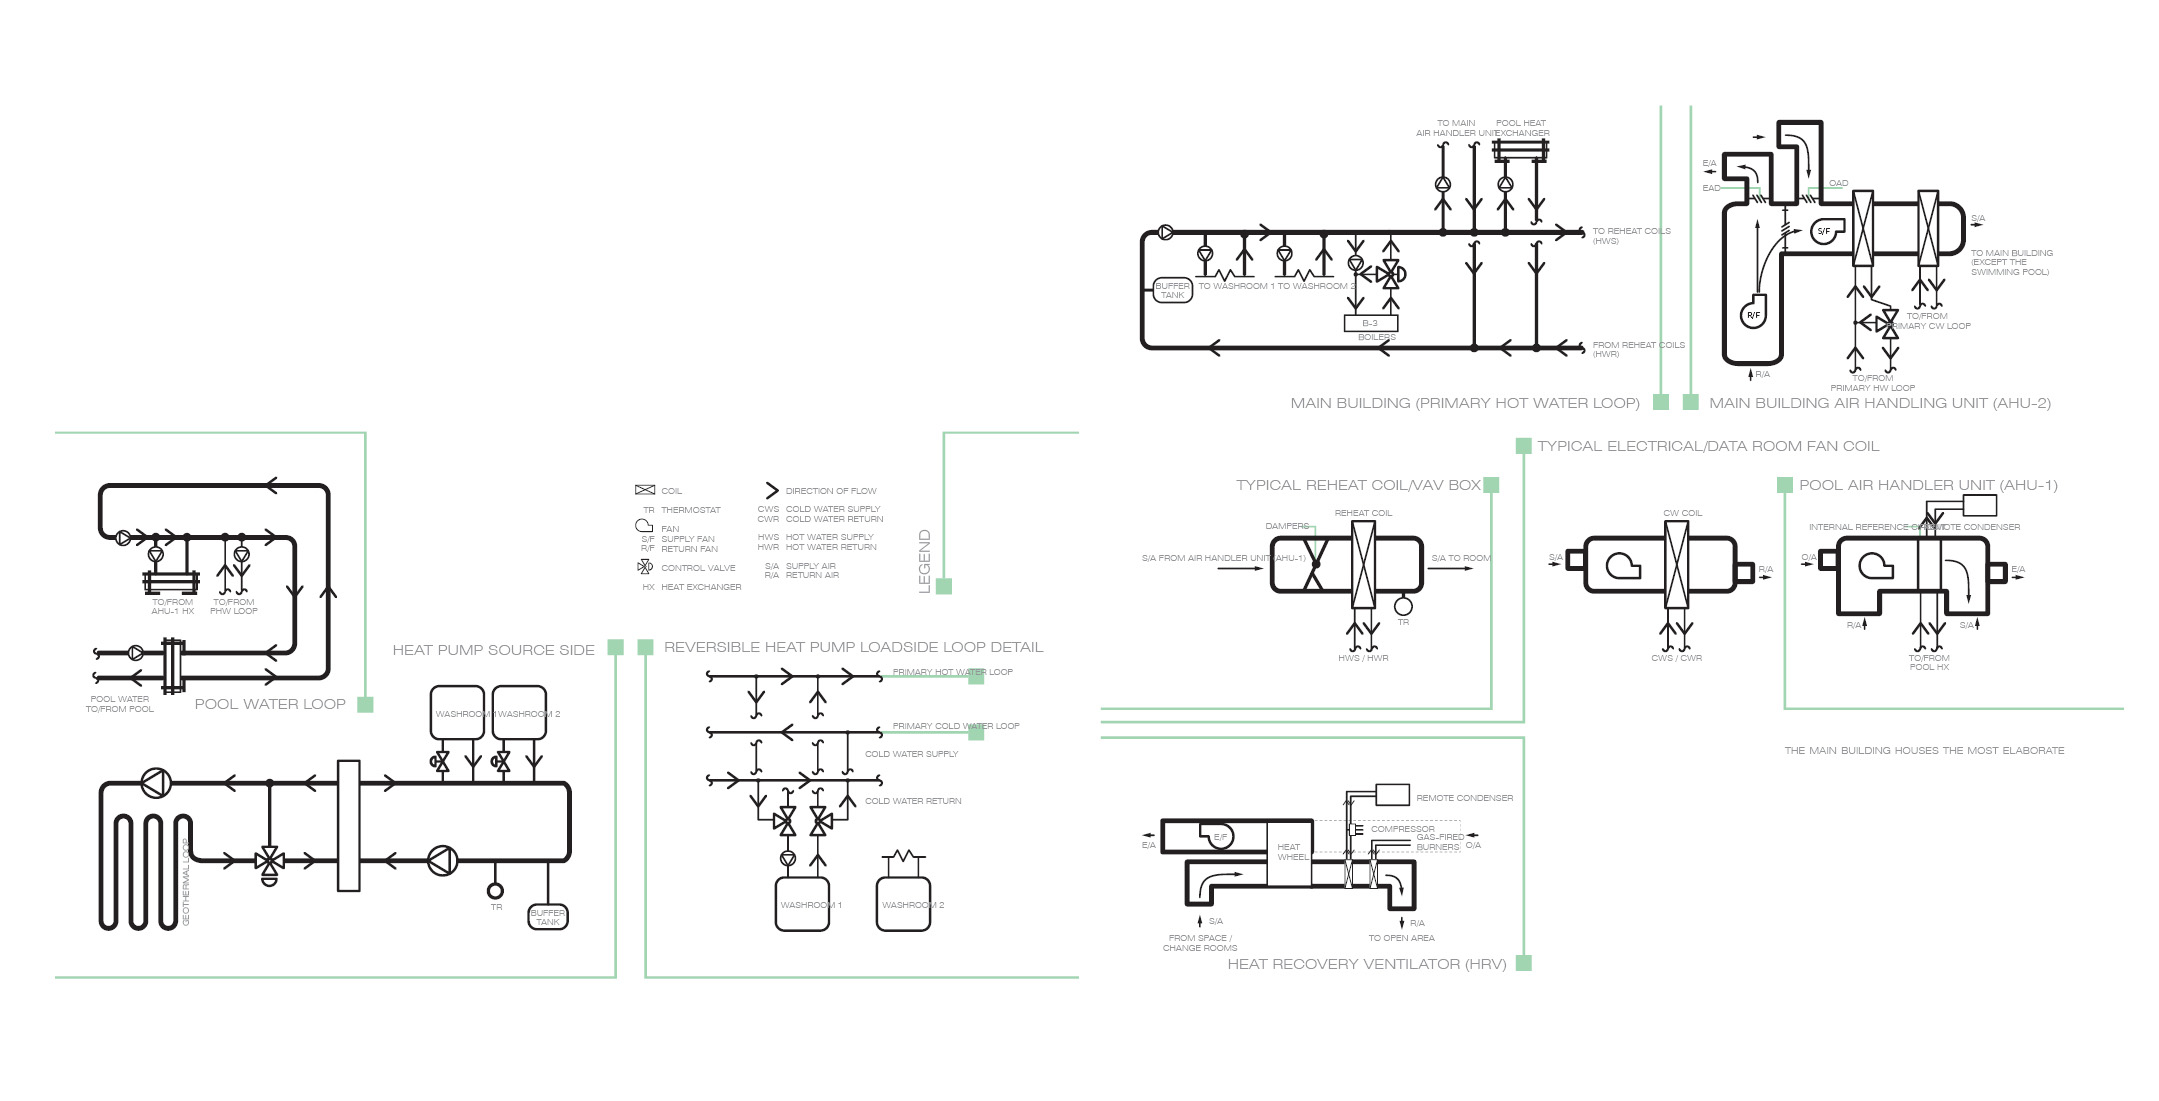 HVAC schematic